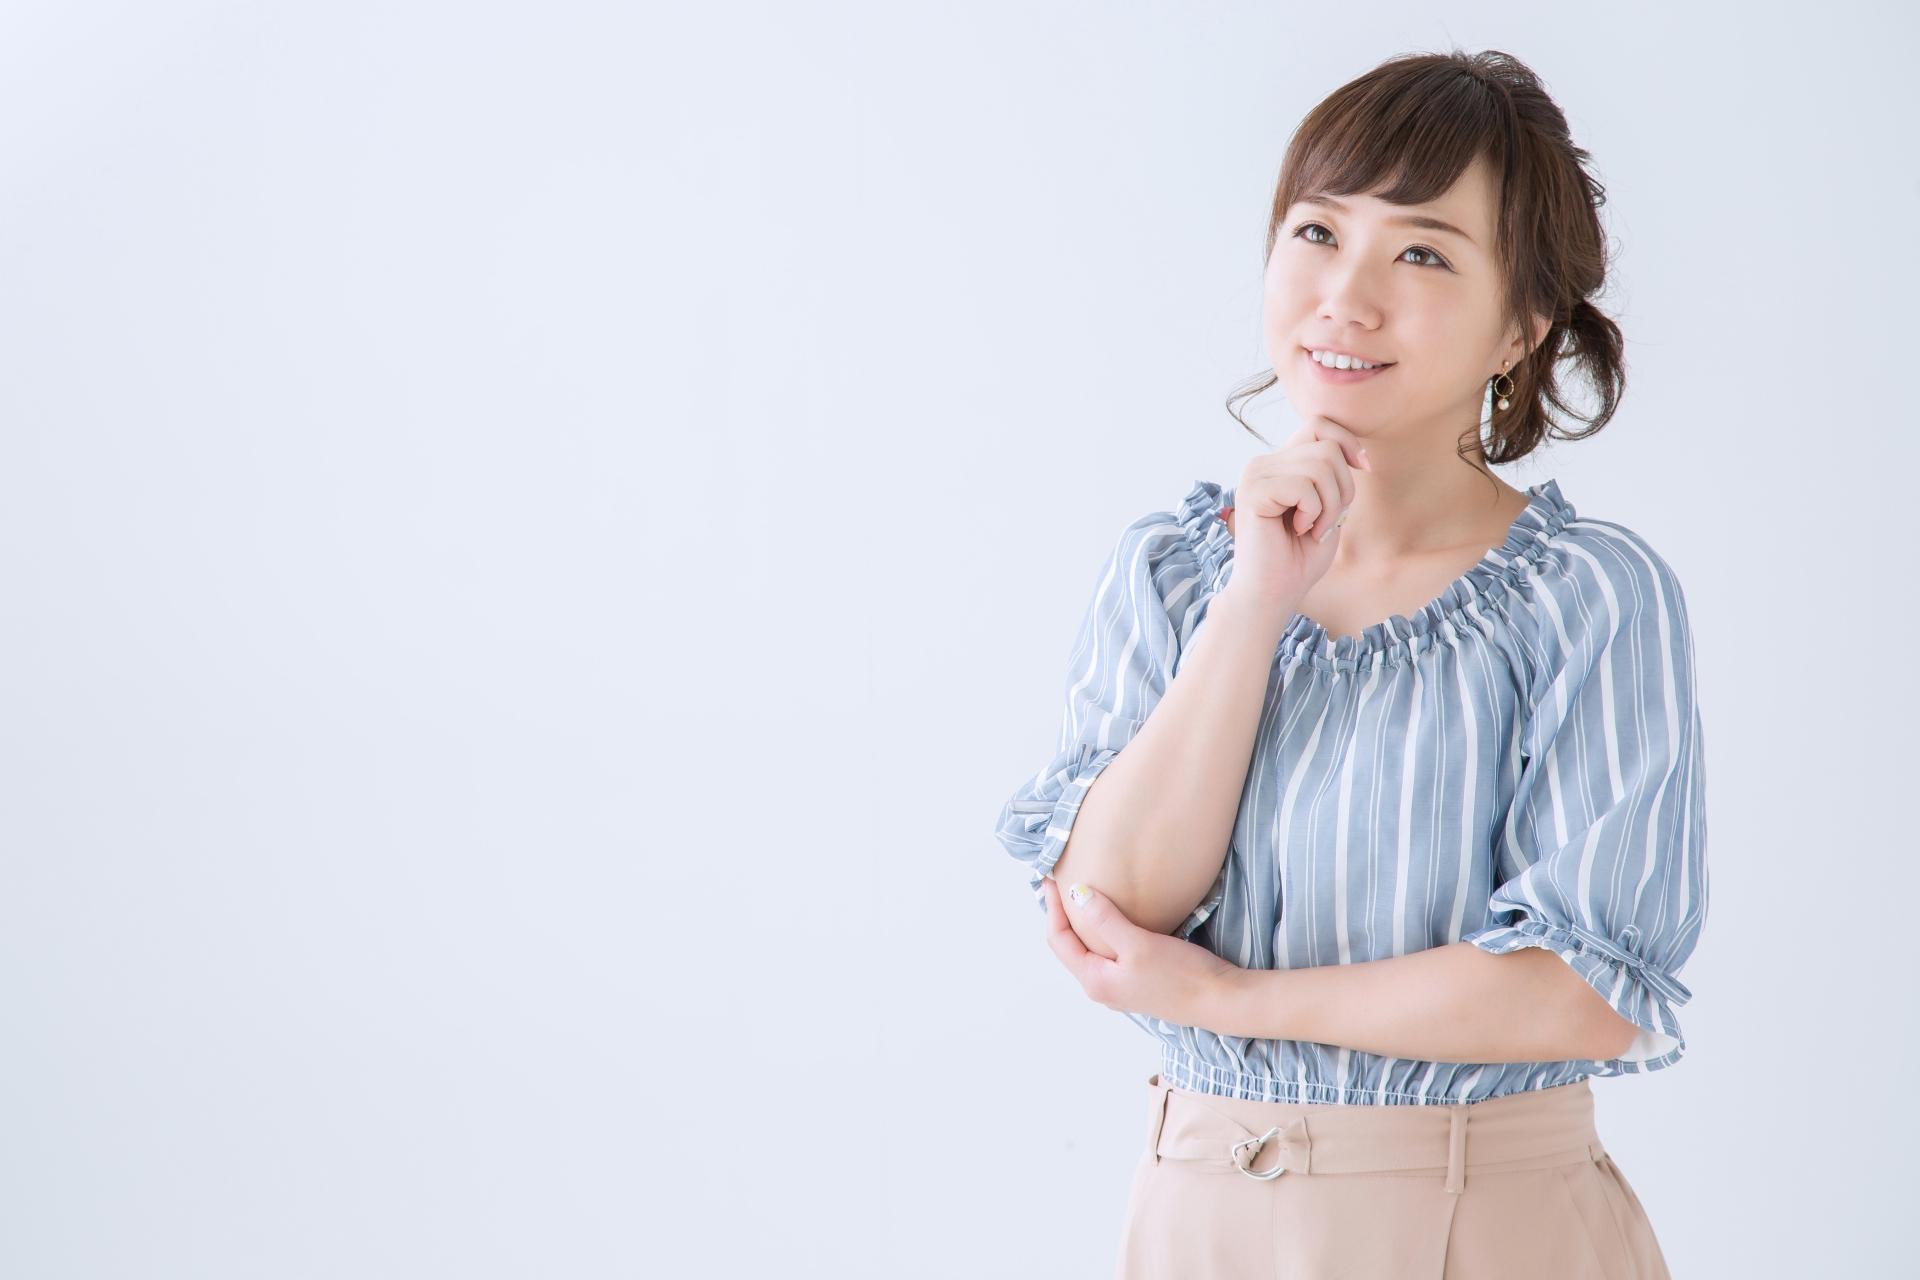 【何が大事?】結婚相談所で結婚がすぐに決まる人のポイント3つ!!